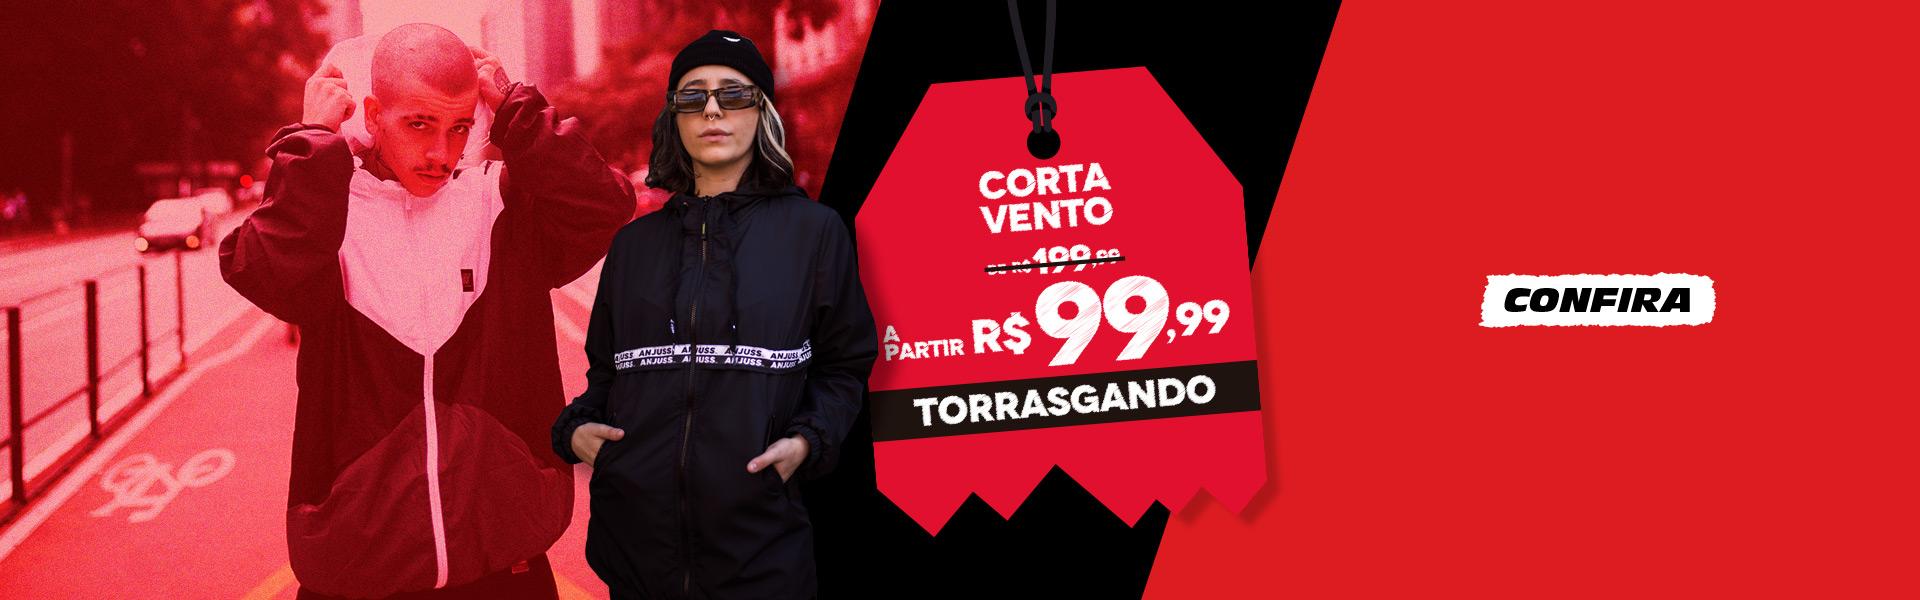 banner_Corta_VEnto